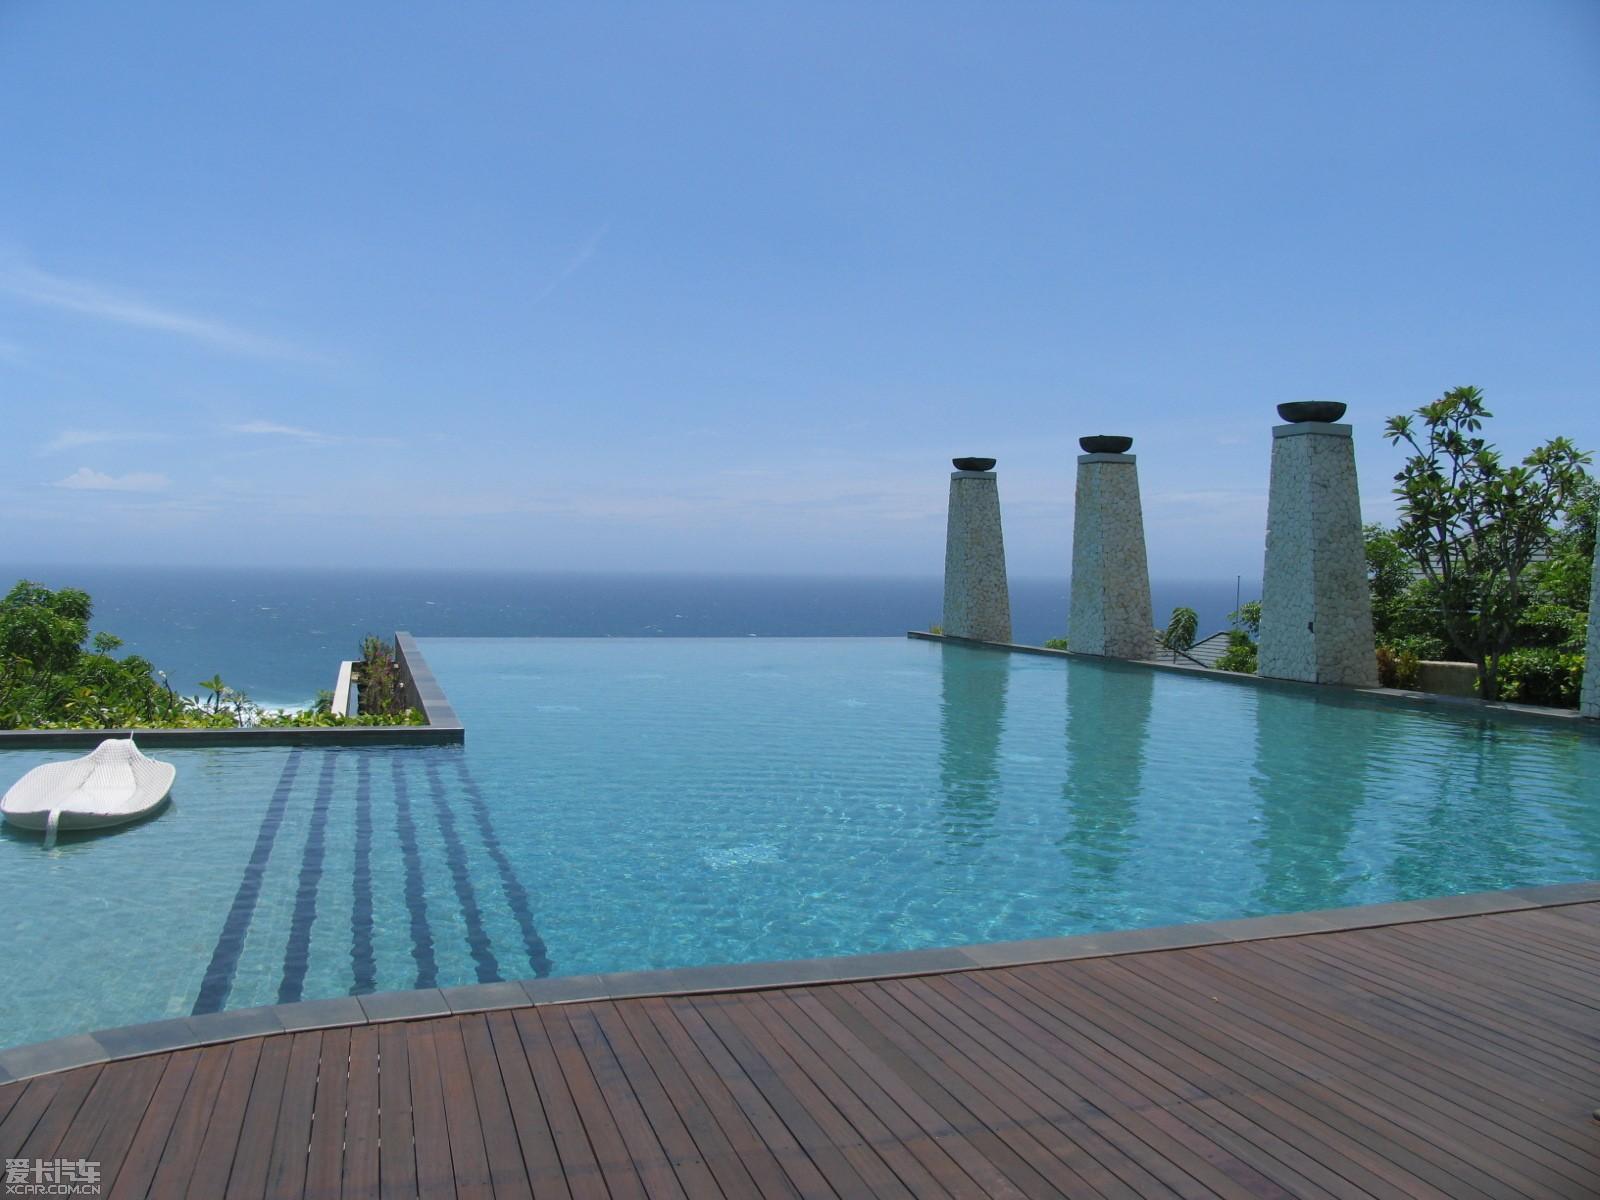 巴厘岛游记一:悦榕庄,悬崖上的私人泳池别墅